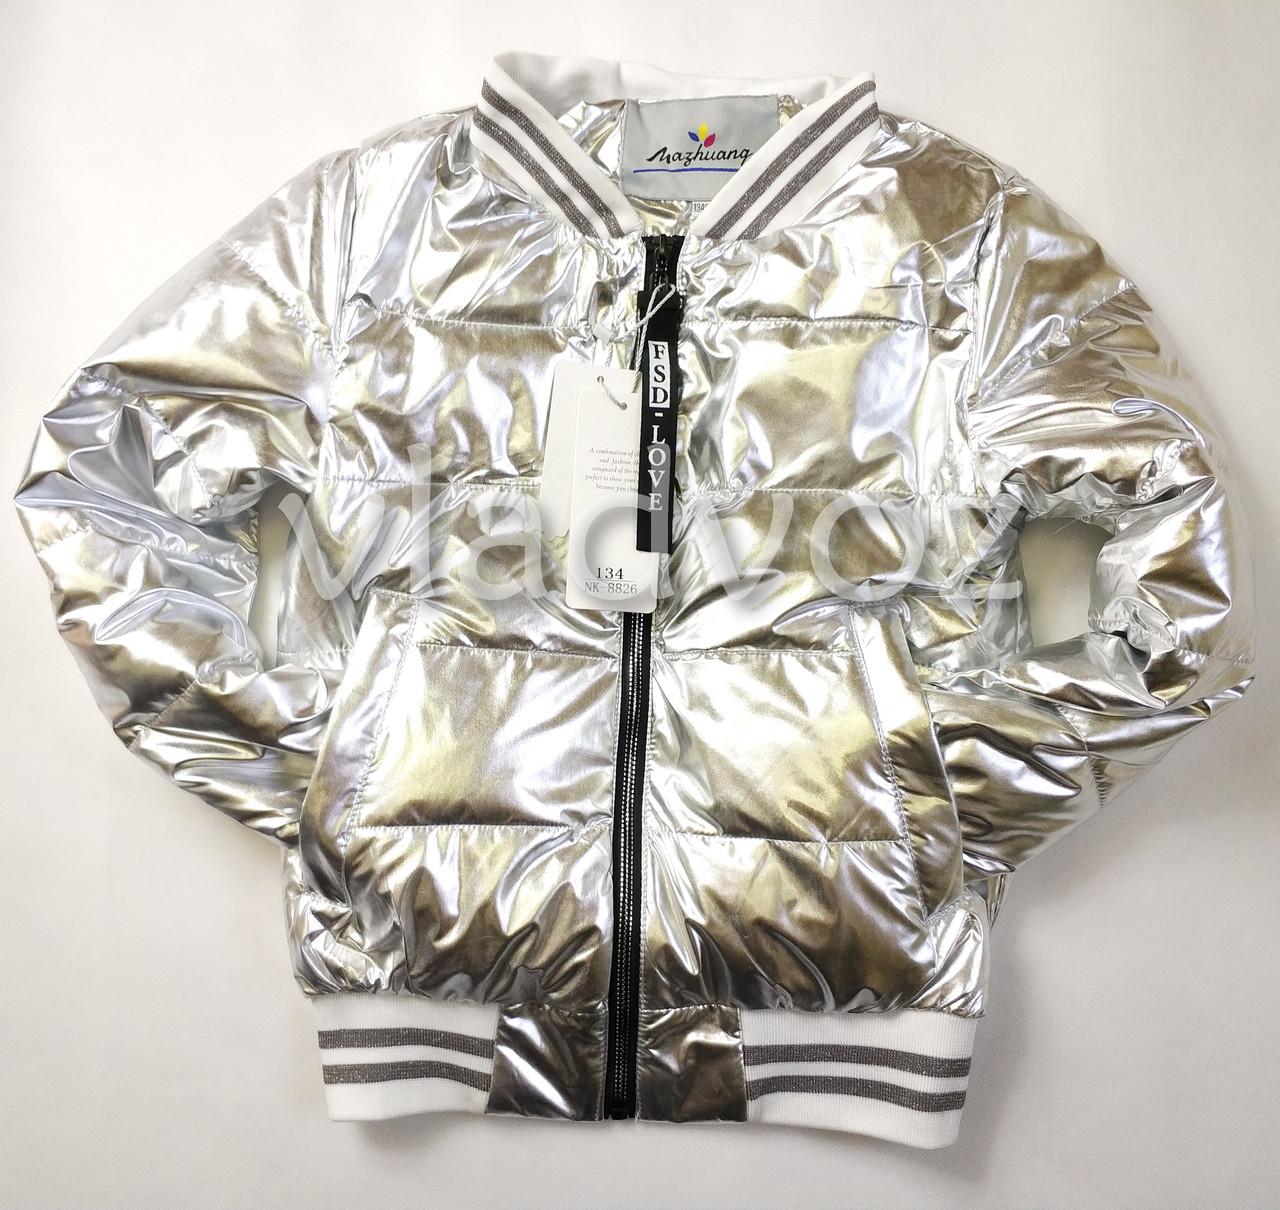 1293a4c07586 Подростковая демисезонная куртка бомбер для девочки серебро 11-12 лет -  Bigl.ua